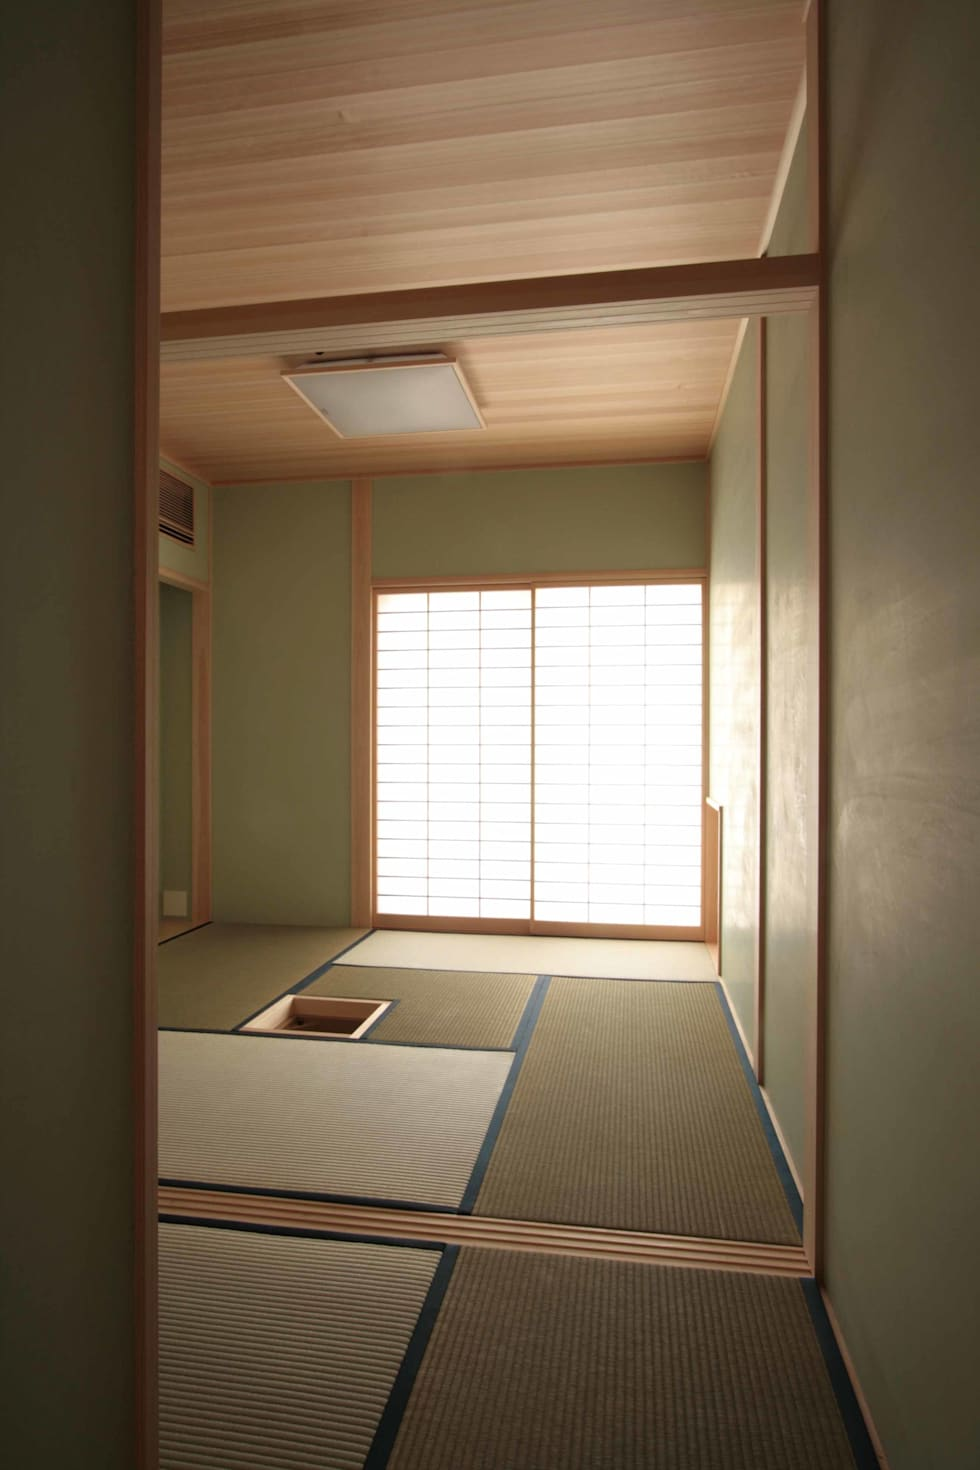 お茶室: 中川龍吾建築設計事務所が手掛けた和室です。